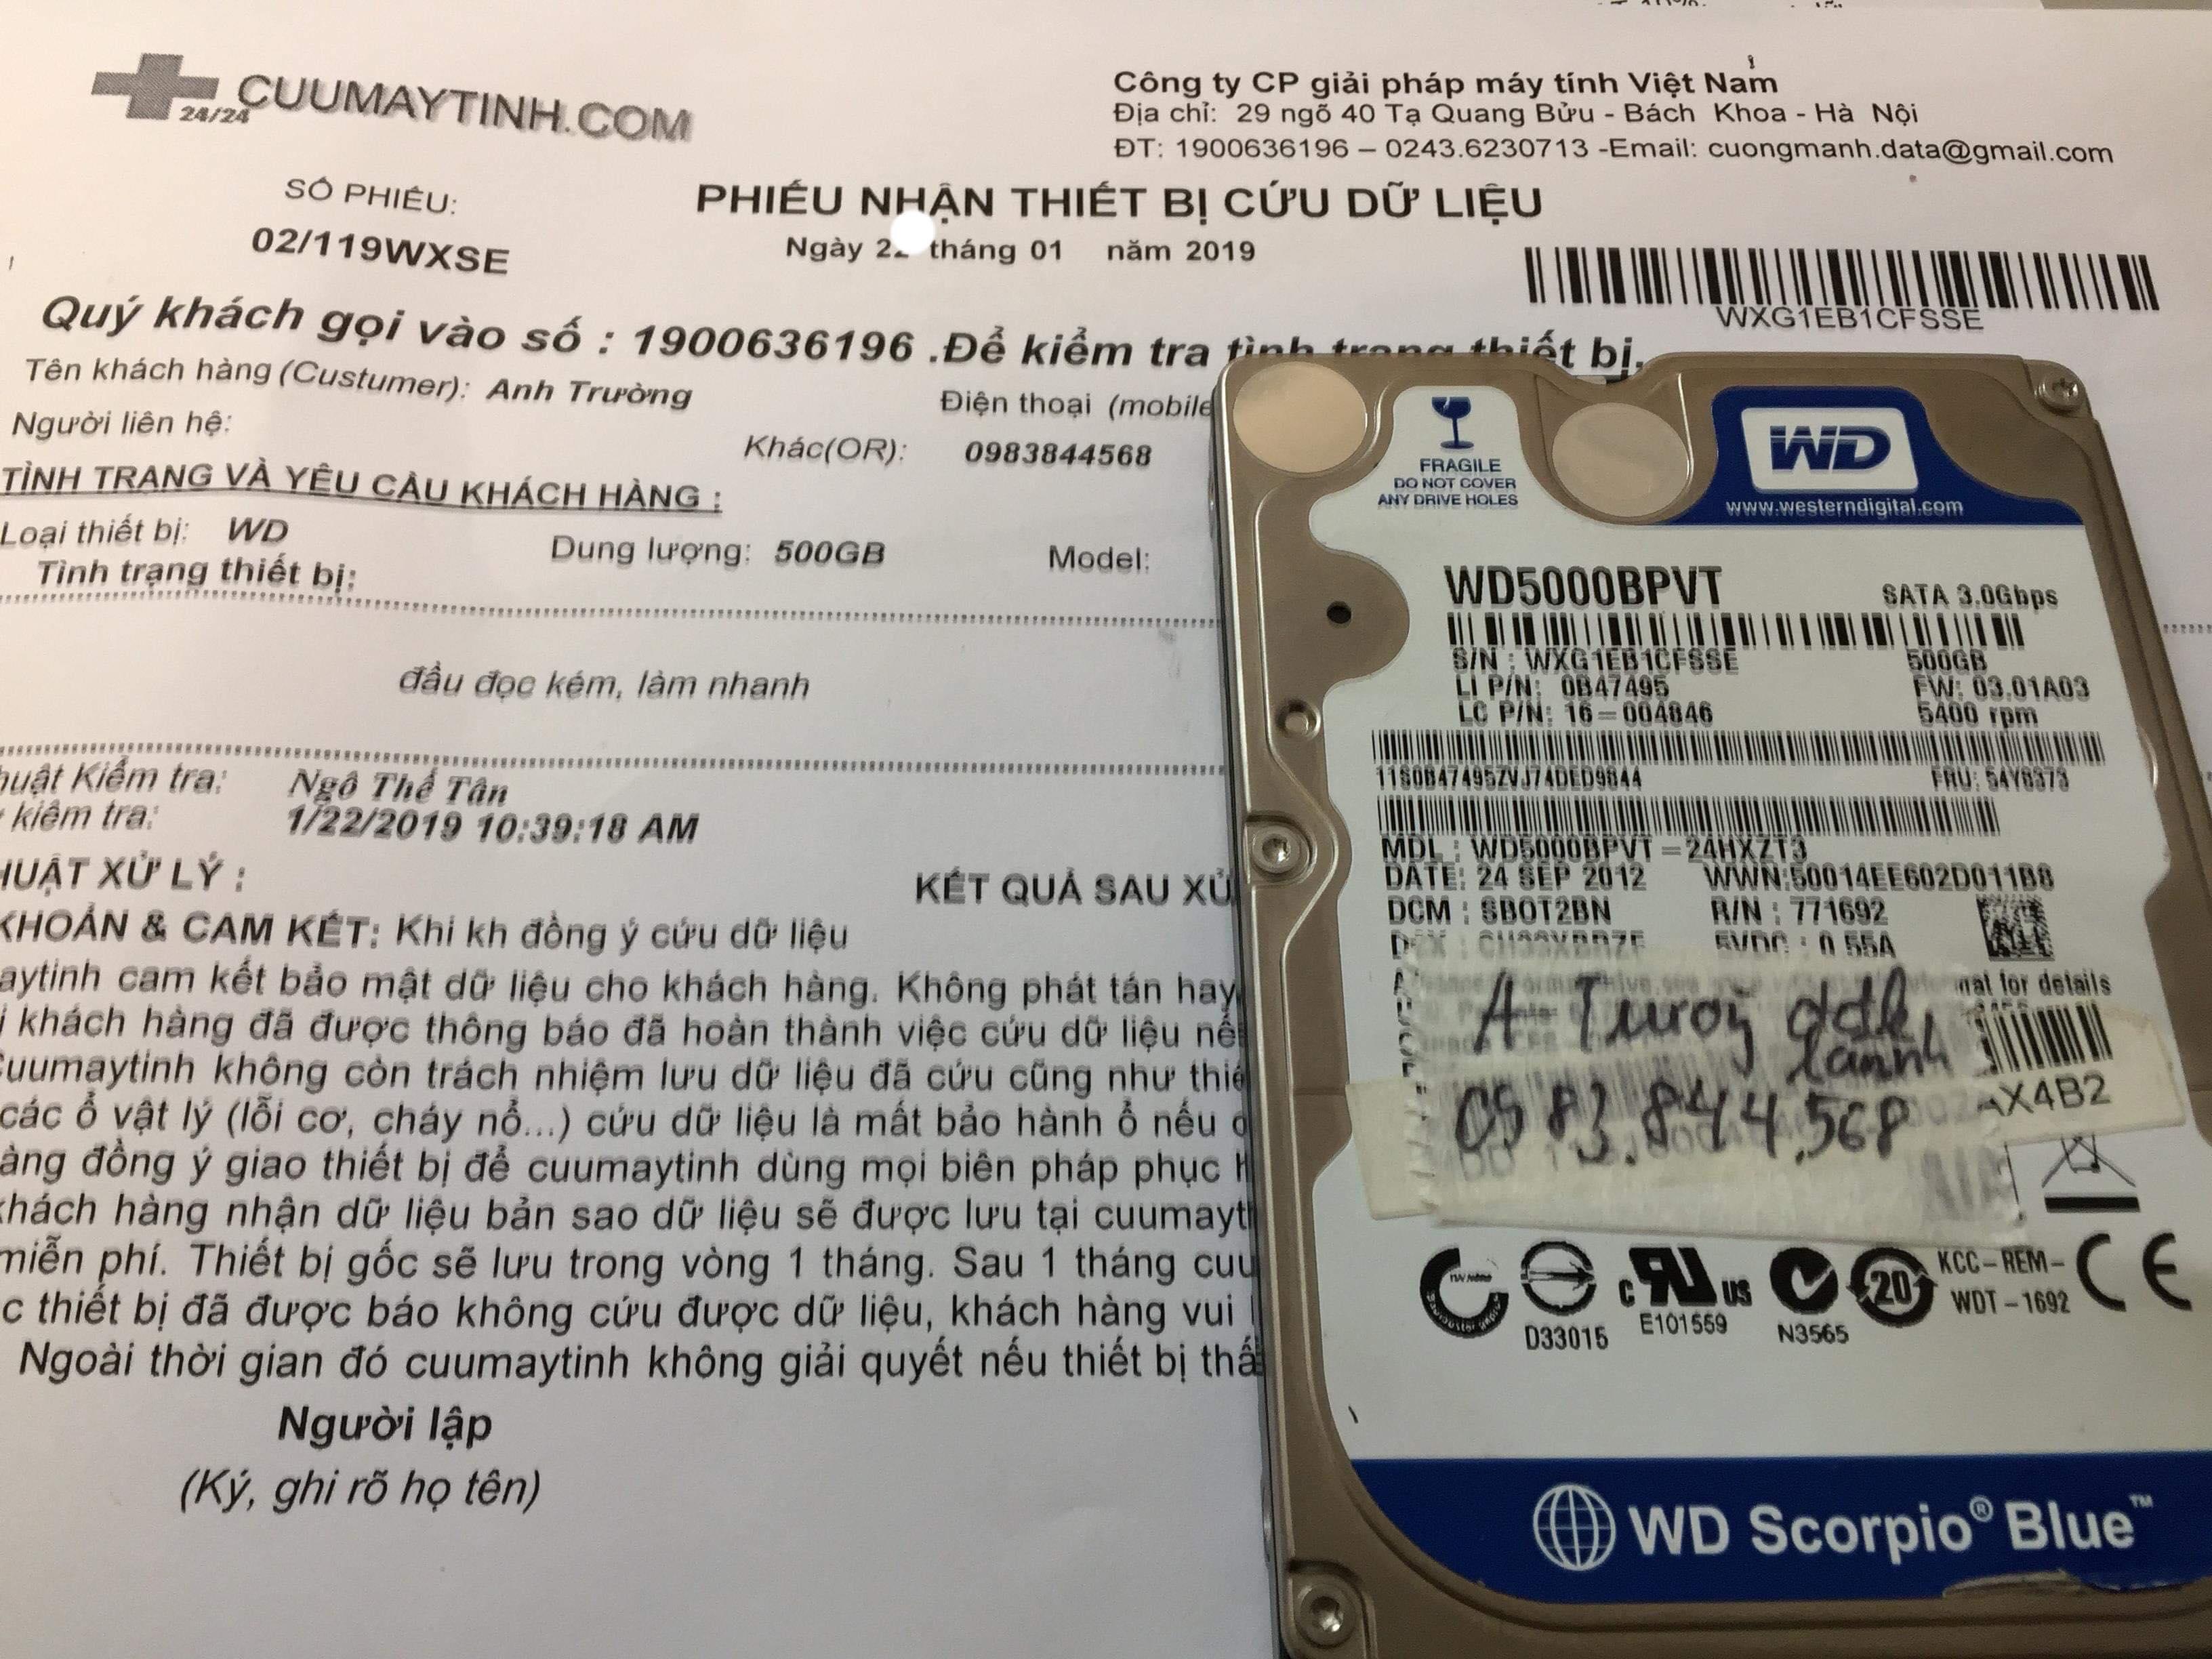 Cứu dữ liệu ổ cứng Western 500GB đầu đọc kém 23/01/2019 - cuumaytinh